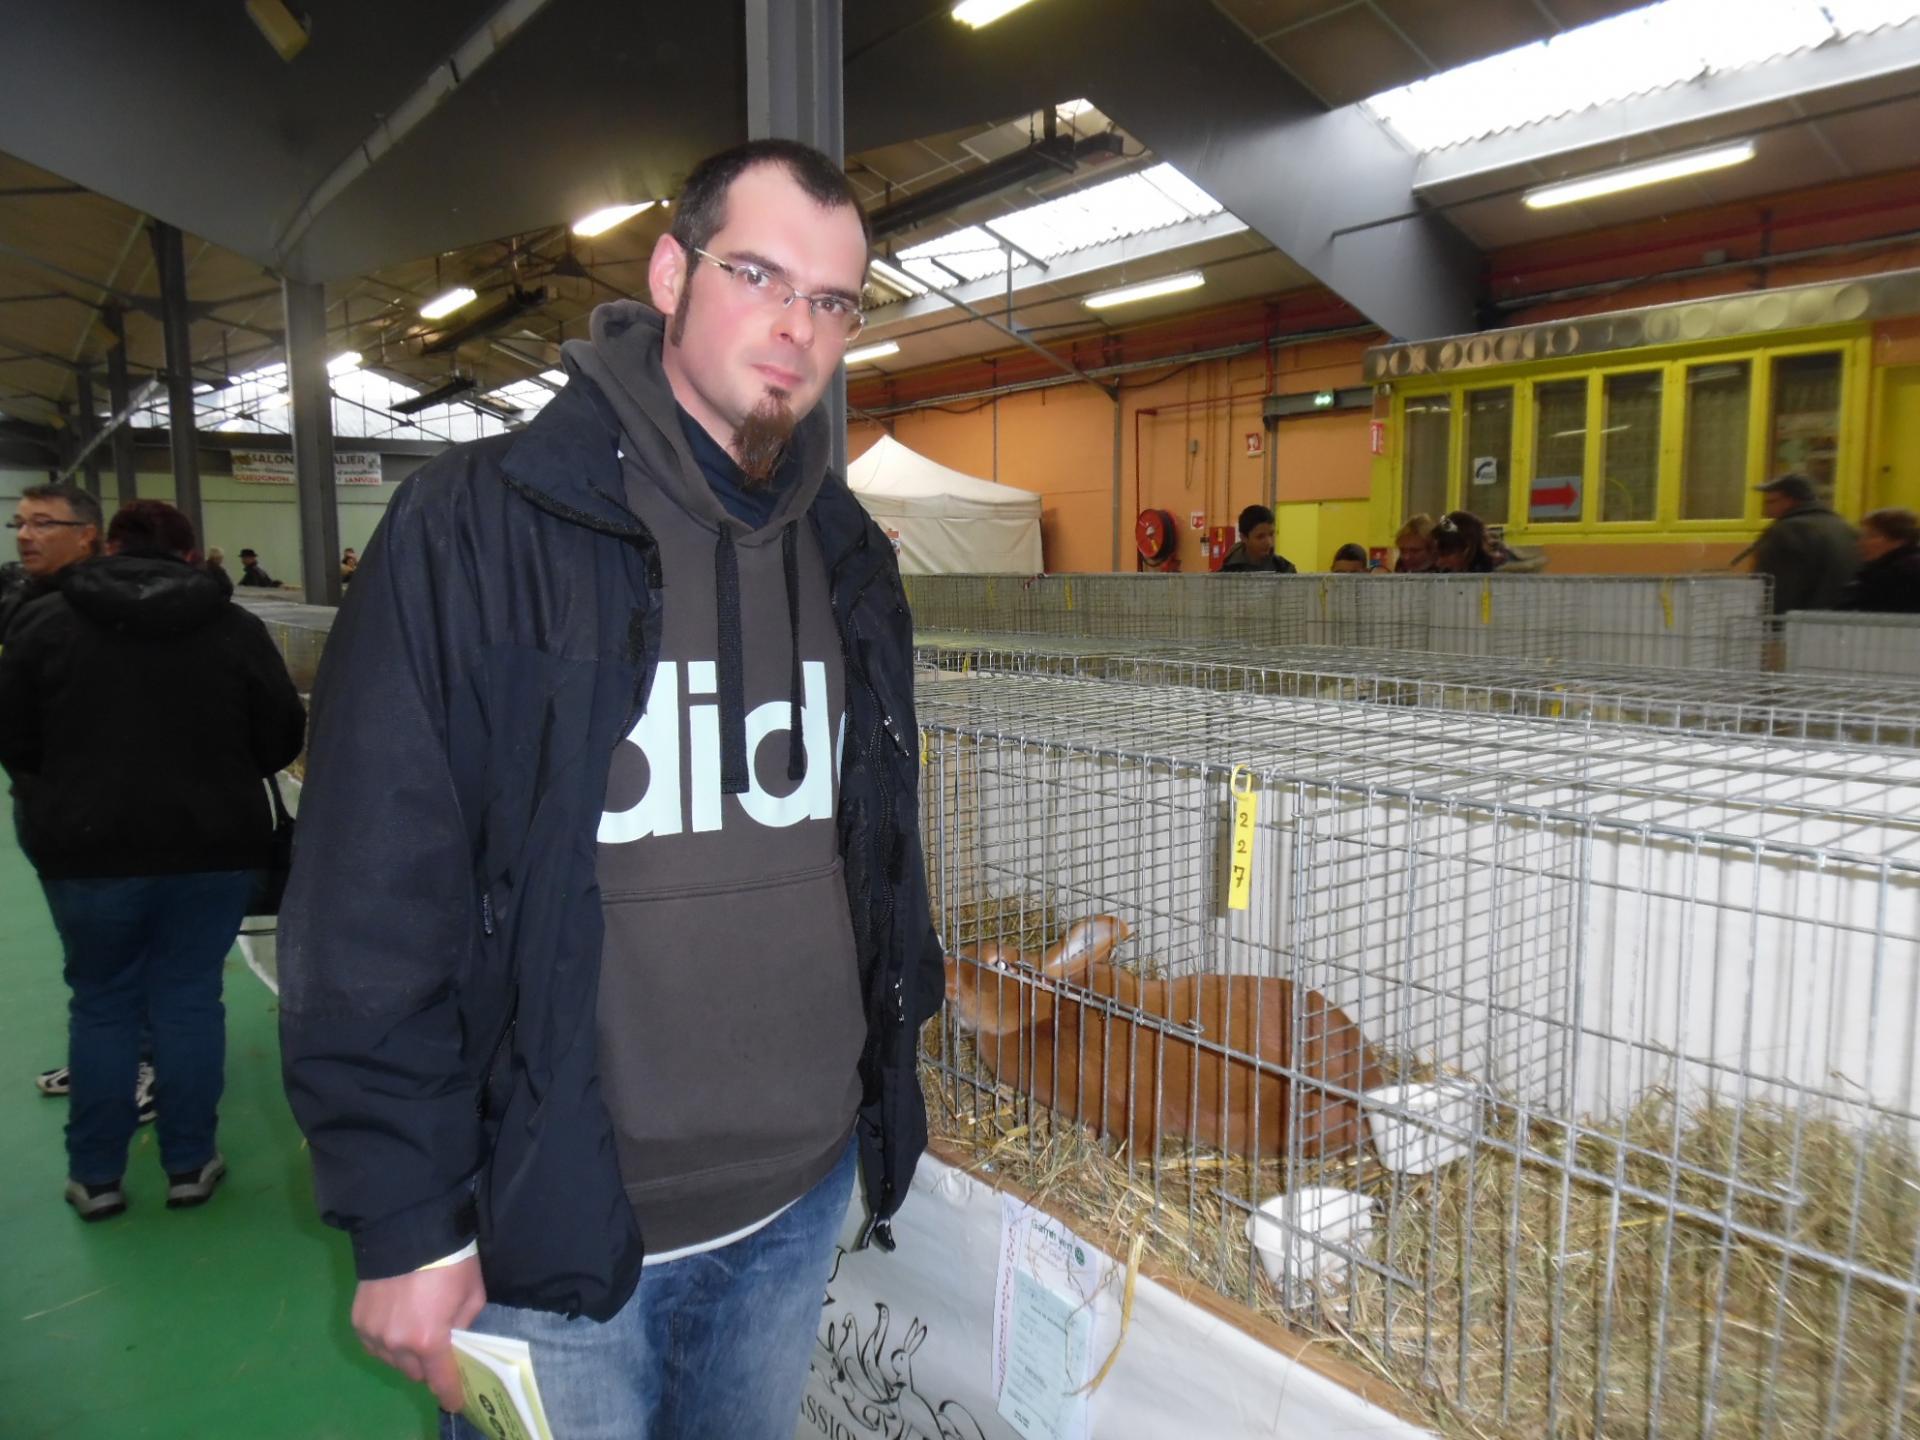 Alexandre greze vers sa femelle cage 227 meilleur sujet des races moyennes